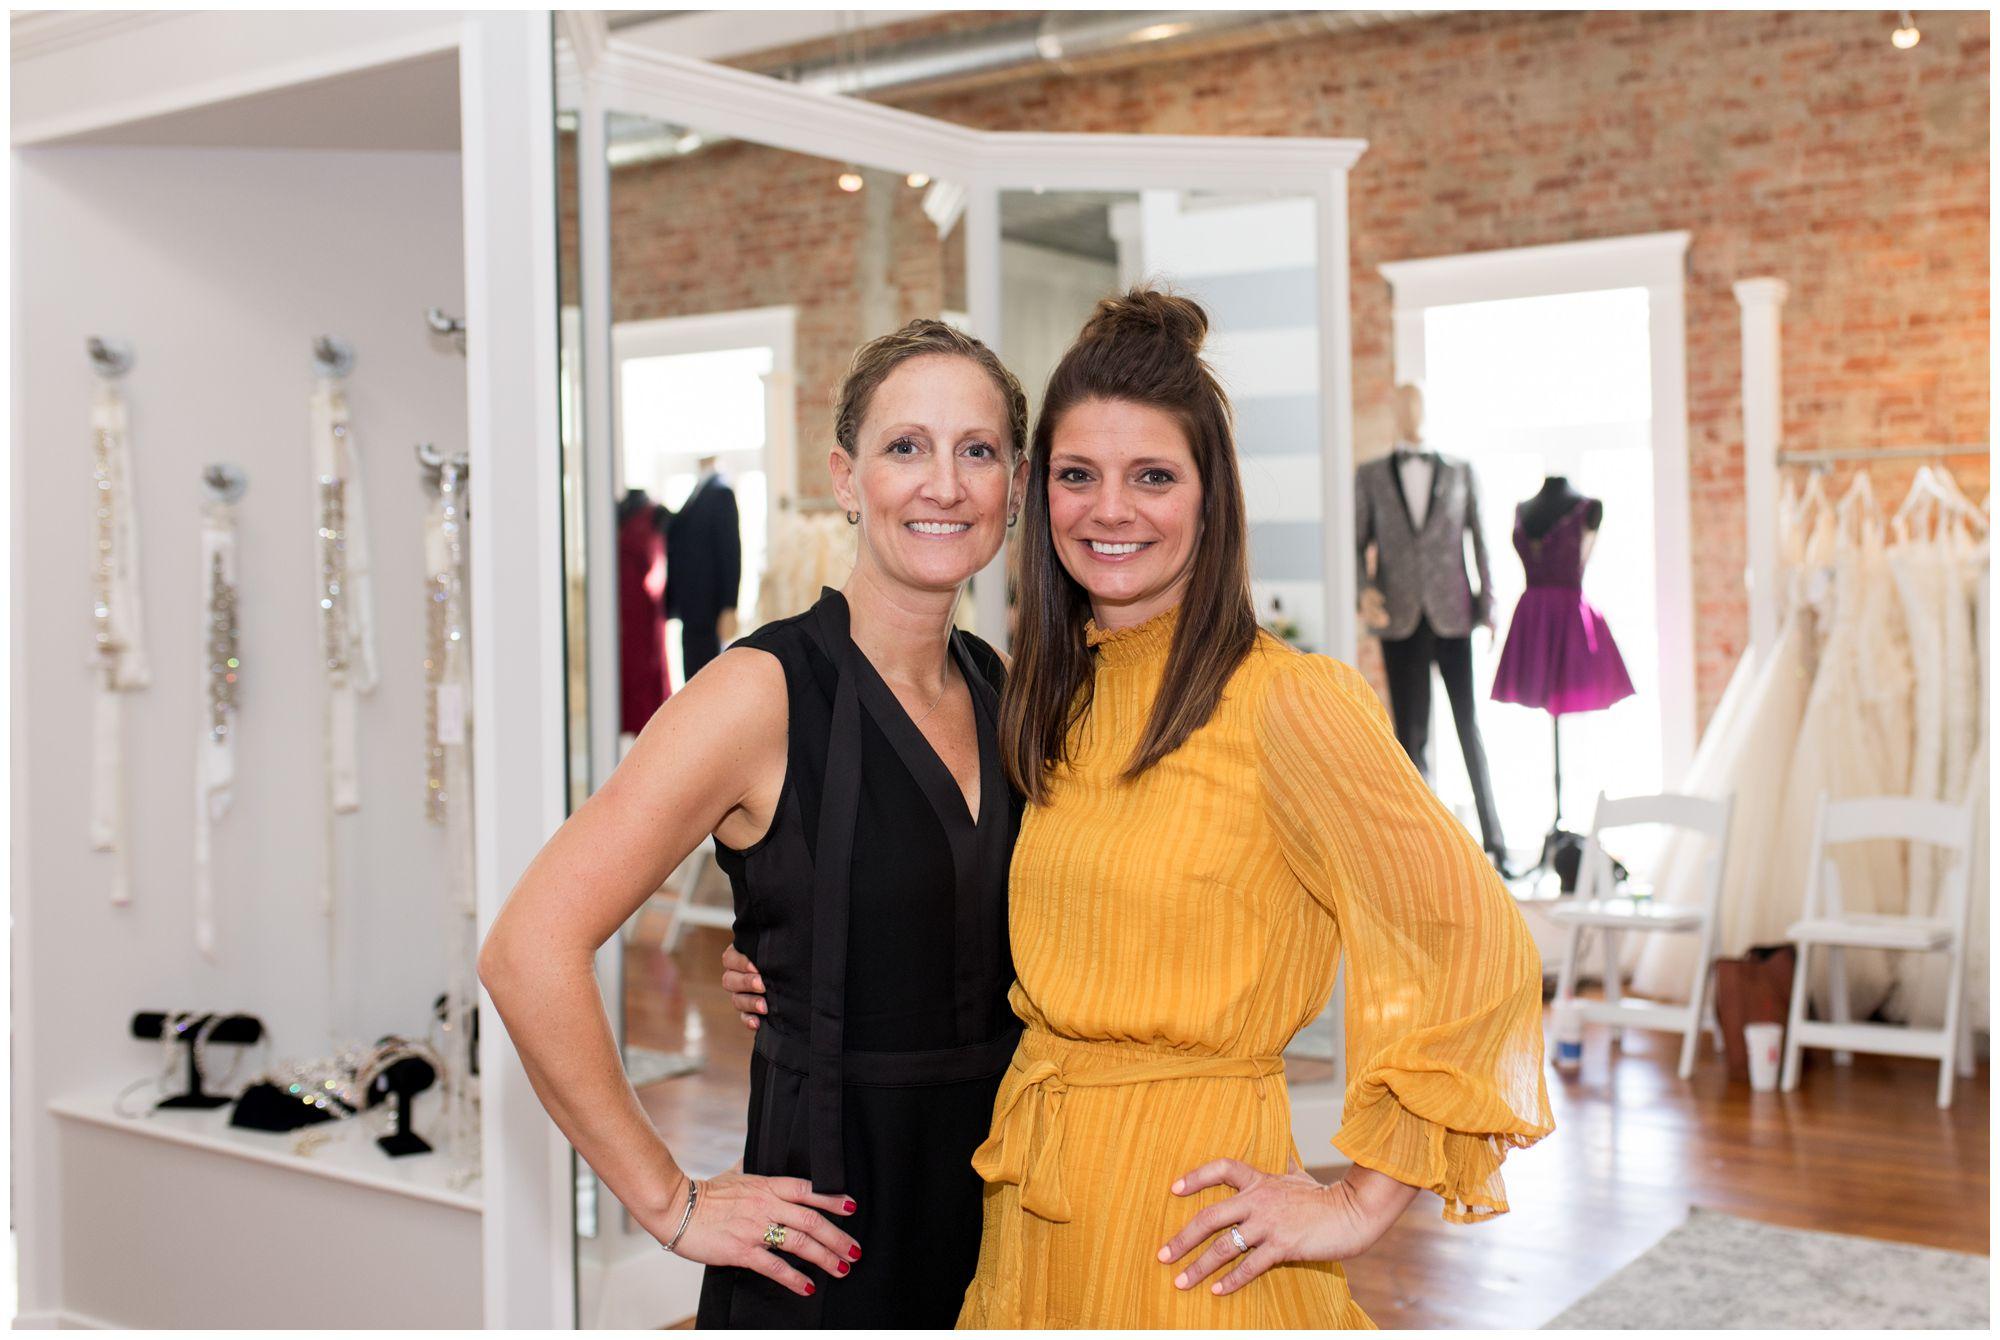 Blye's Bridal Loft owner Laura O'Donnell and manager Allison Crim